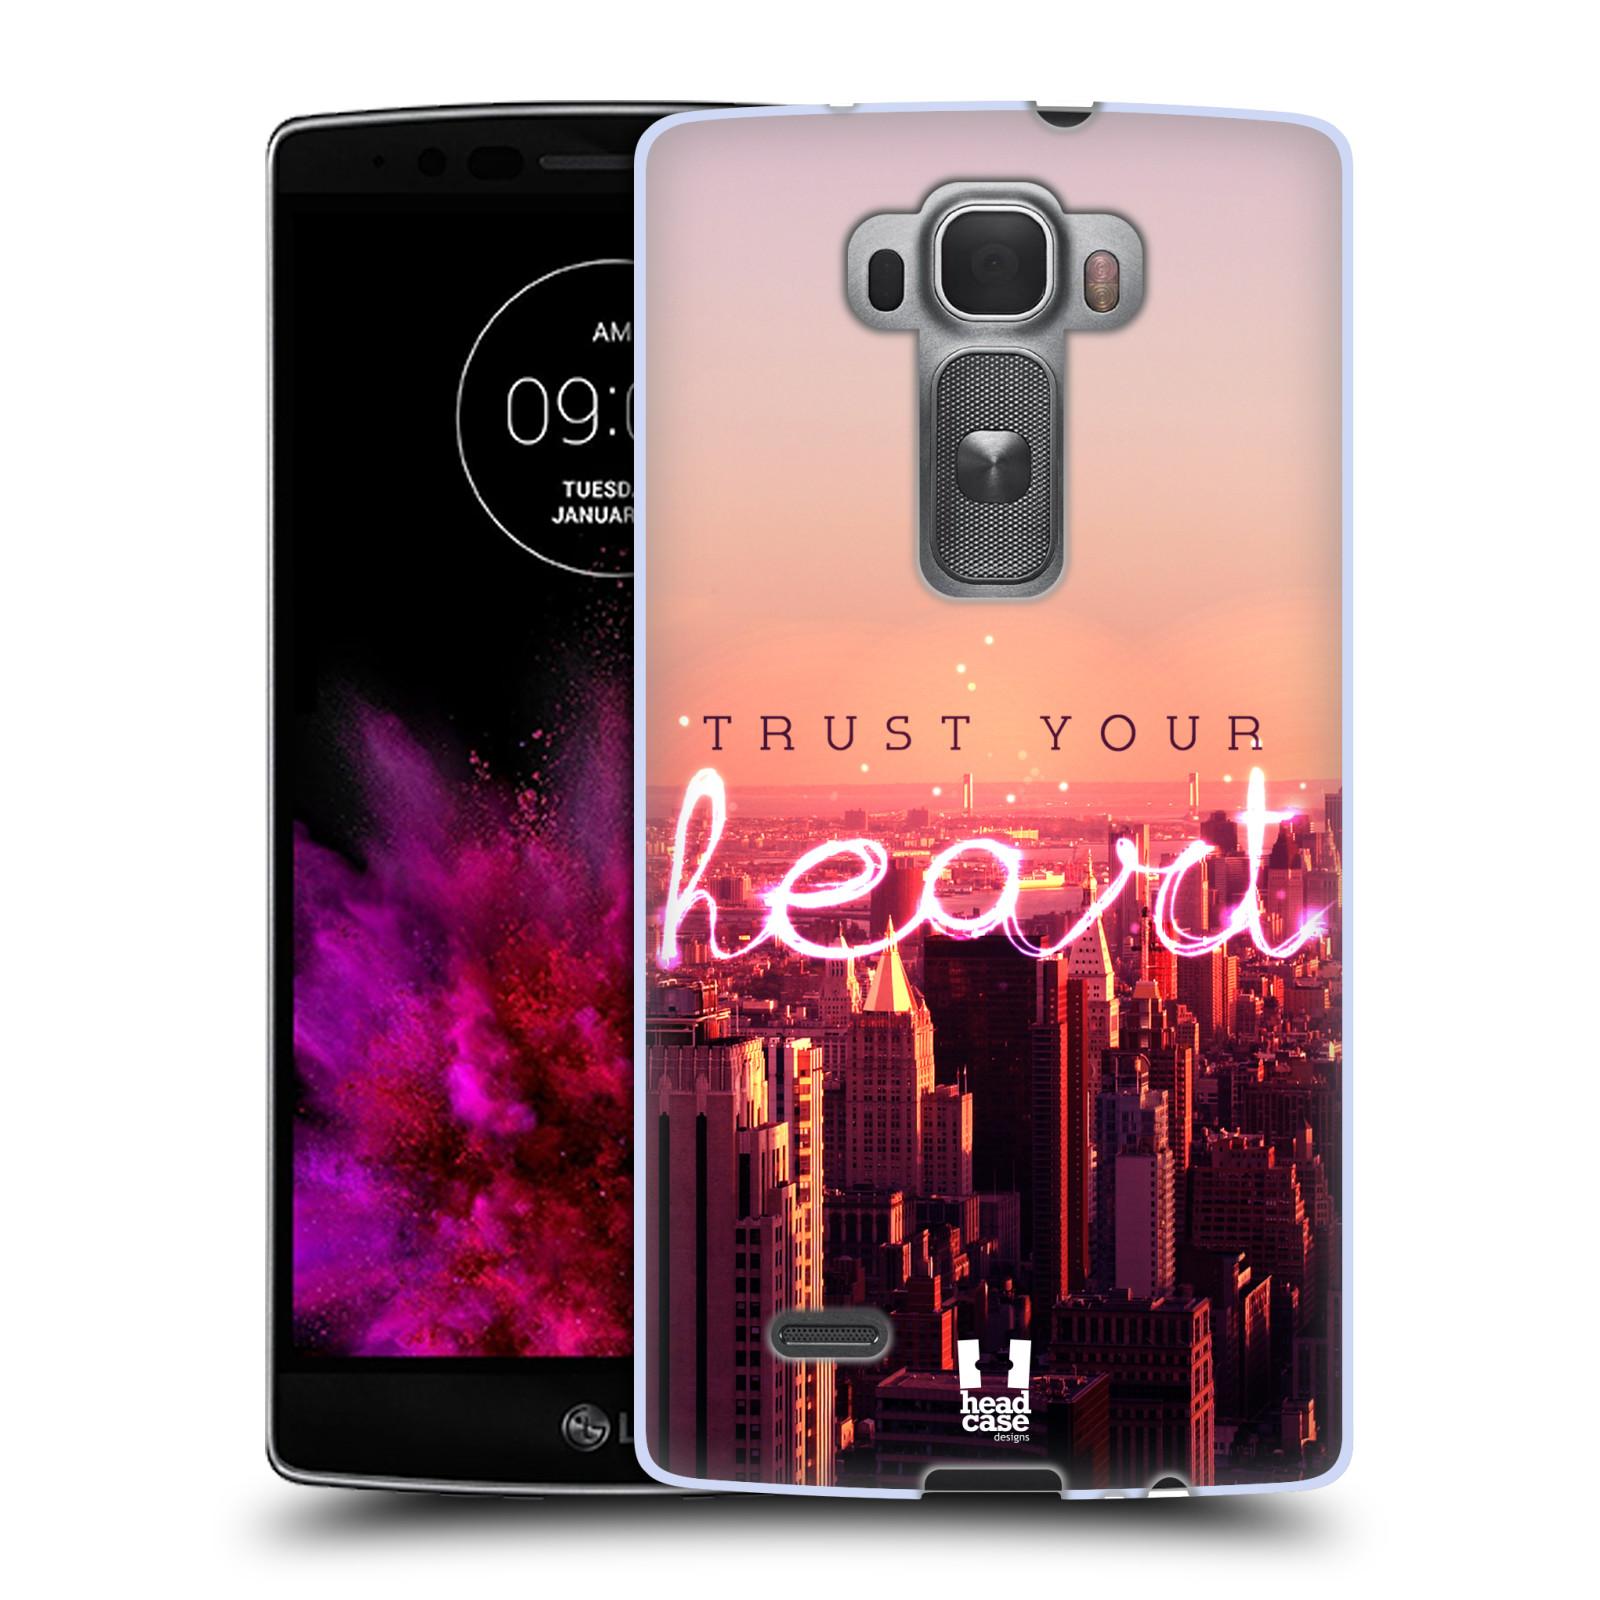 Silikonové pouzdro na mobil LG G Flex 2 HEAD CASE TRUST YOUR HEART (Silikonový kryt či obal na mobilní telefon LG G Flex 2 H955)